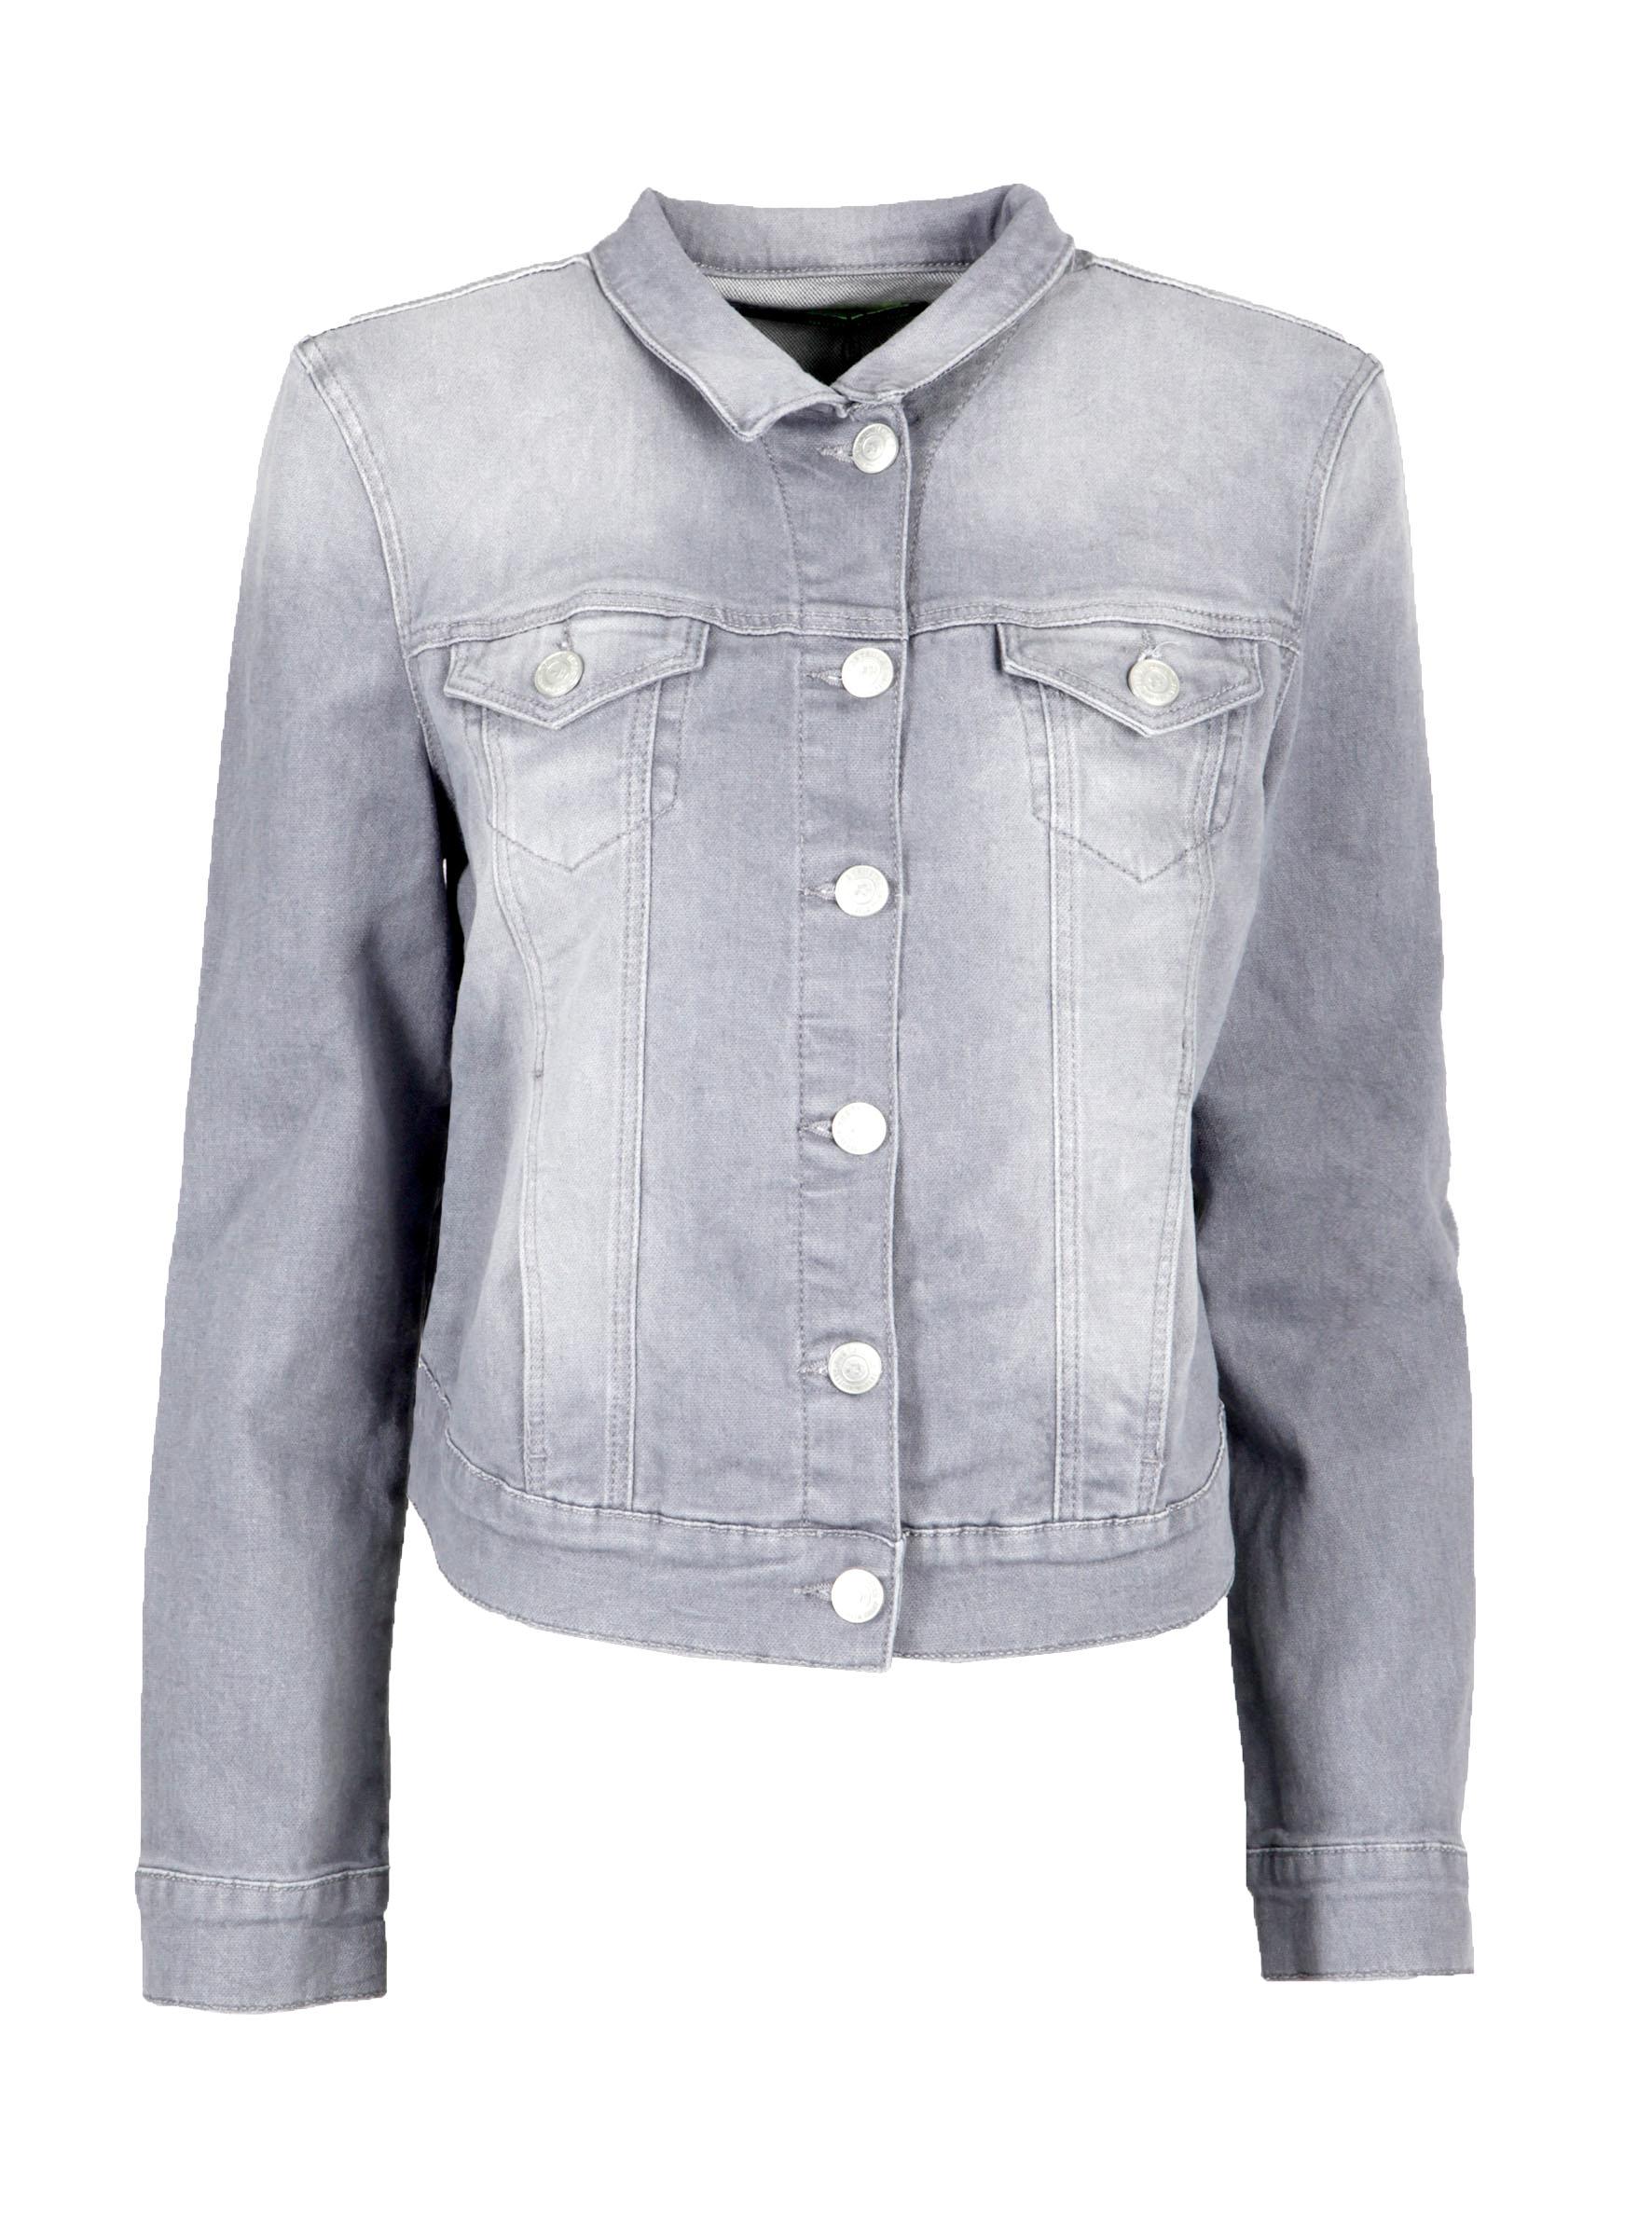 Trendige Jeansjacke Charlize in grau bei Mavi Jeans